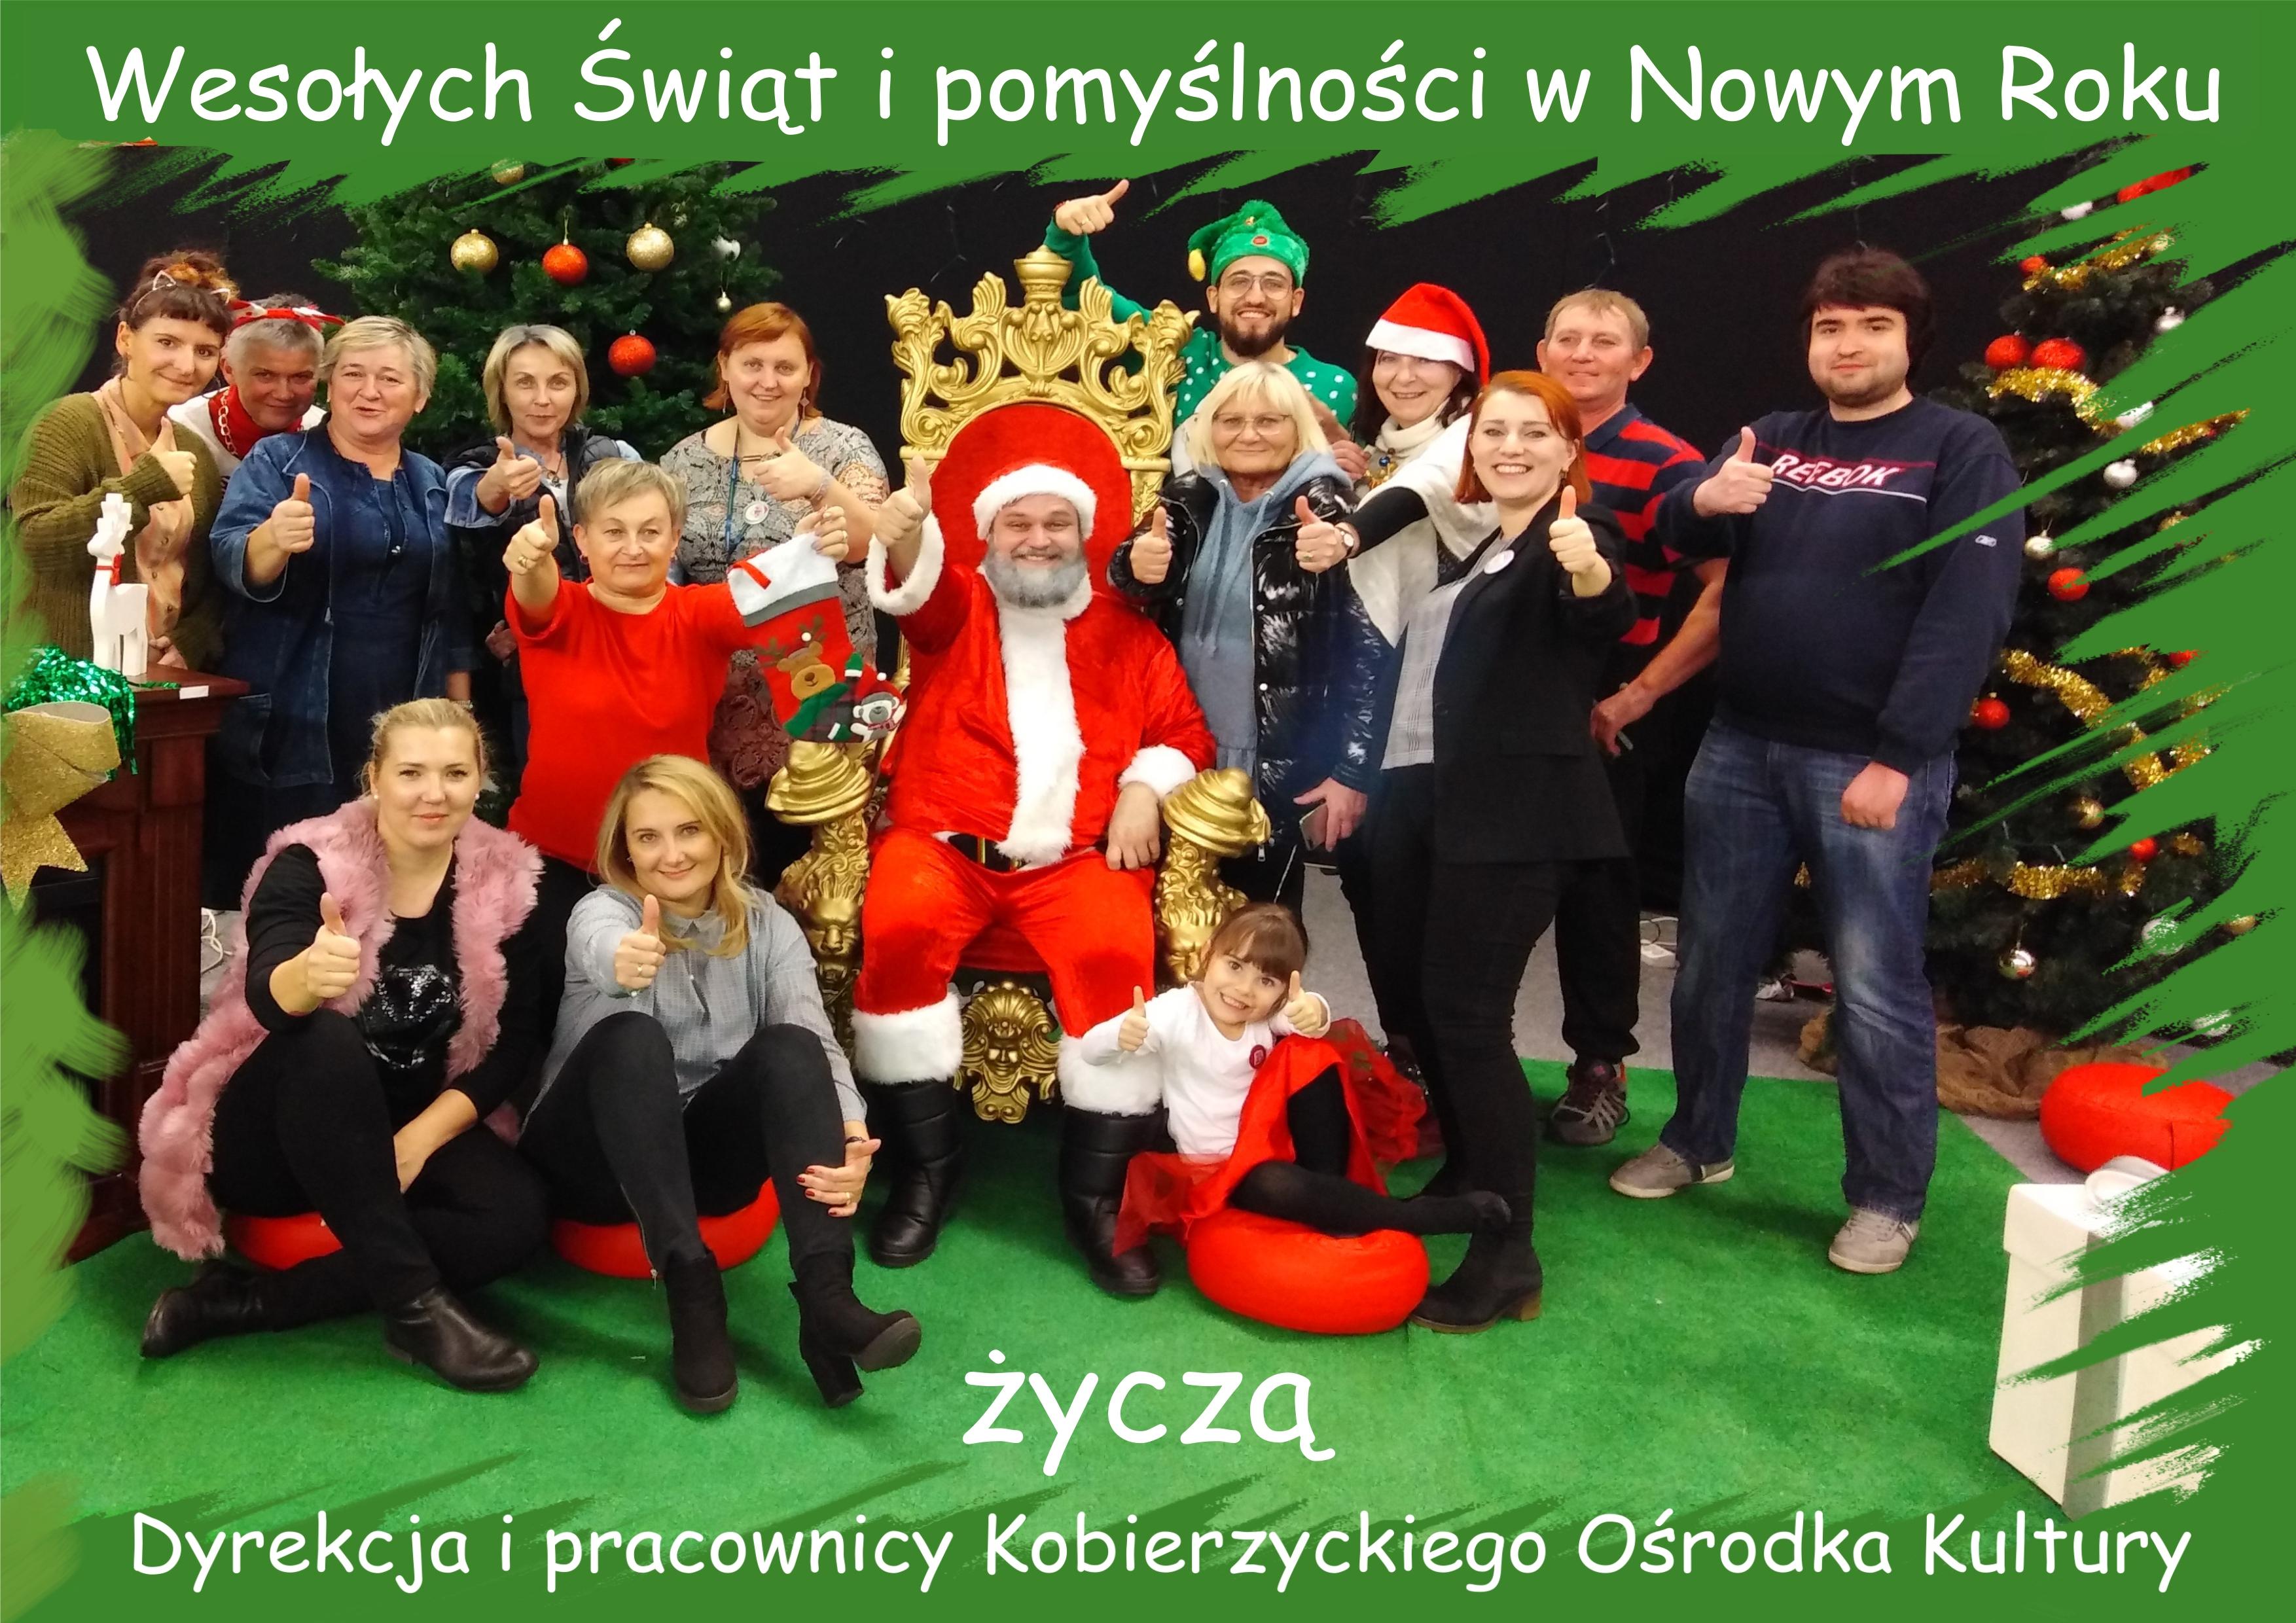 wesołych świąt i pomyślności w nowym roku życzą dyrekcja i pracownicy kobierzyckiego ośrodka kultury